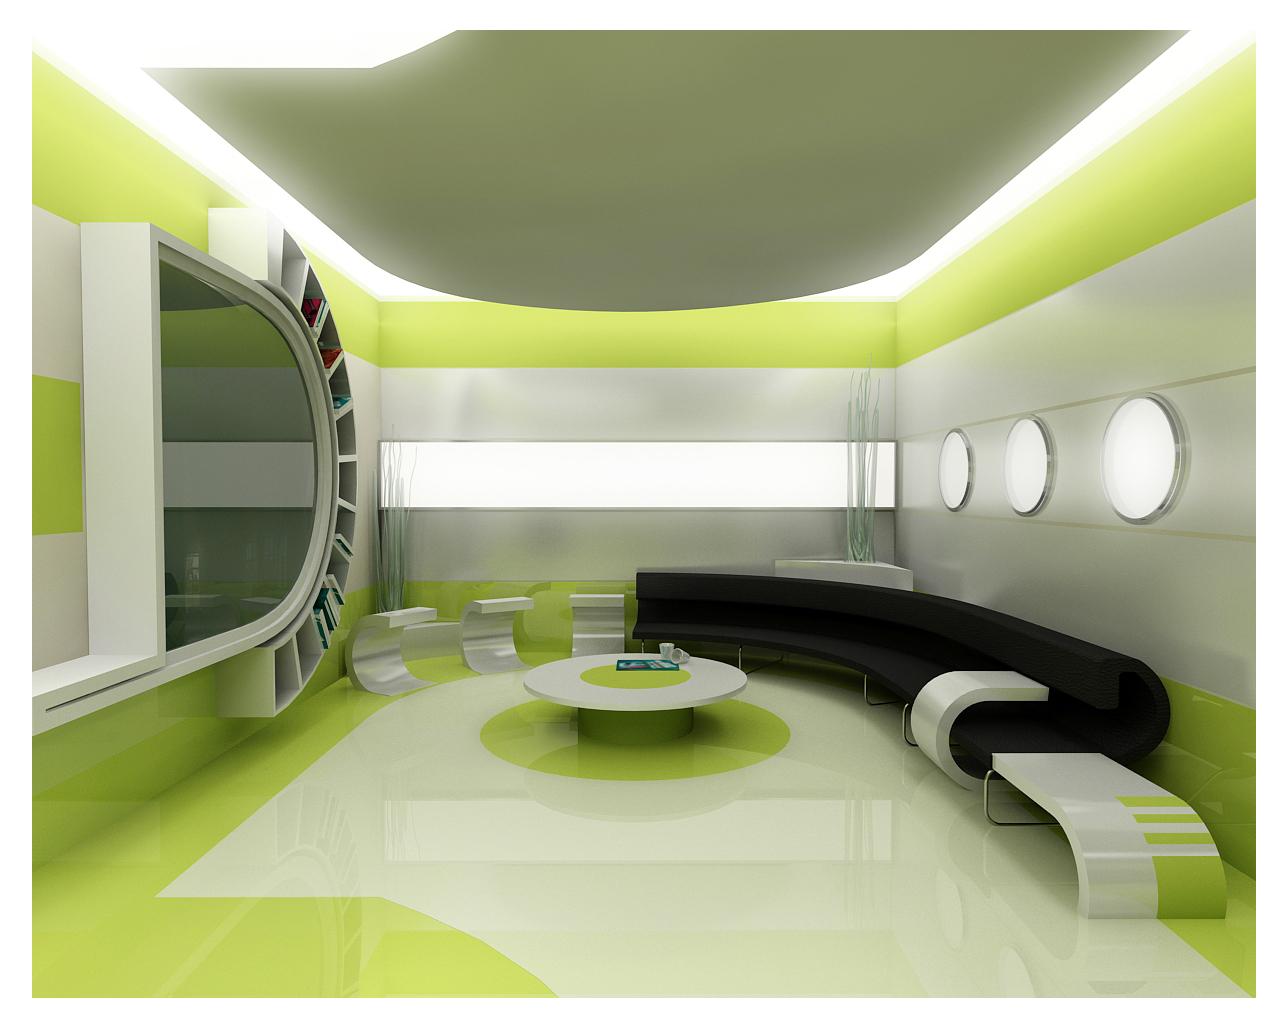 壁纸1280×1024时尚室内设计漂亮壁纸 壁纸13壁纸 时尚室内设计漂亮壁纸壁纸图片建筑壁纸建筑图片素材桌面壁纸